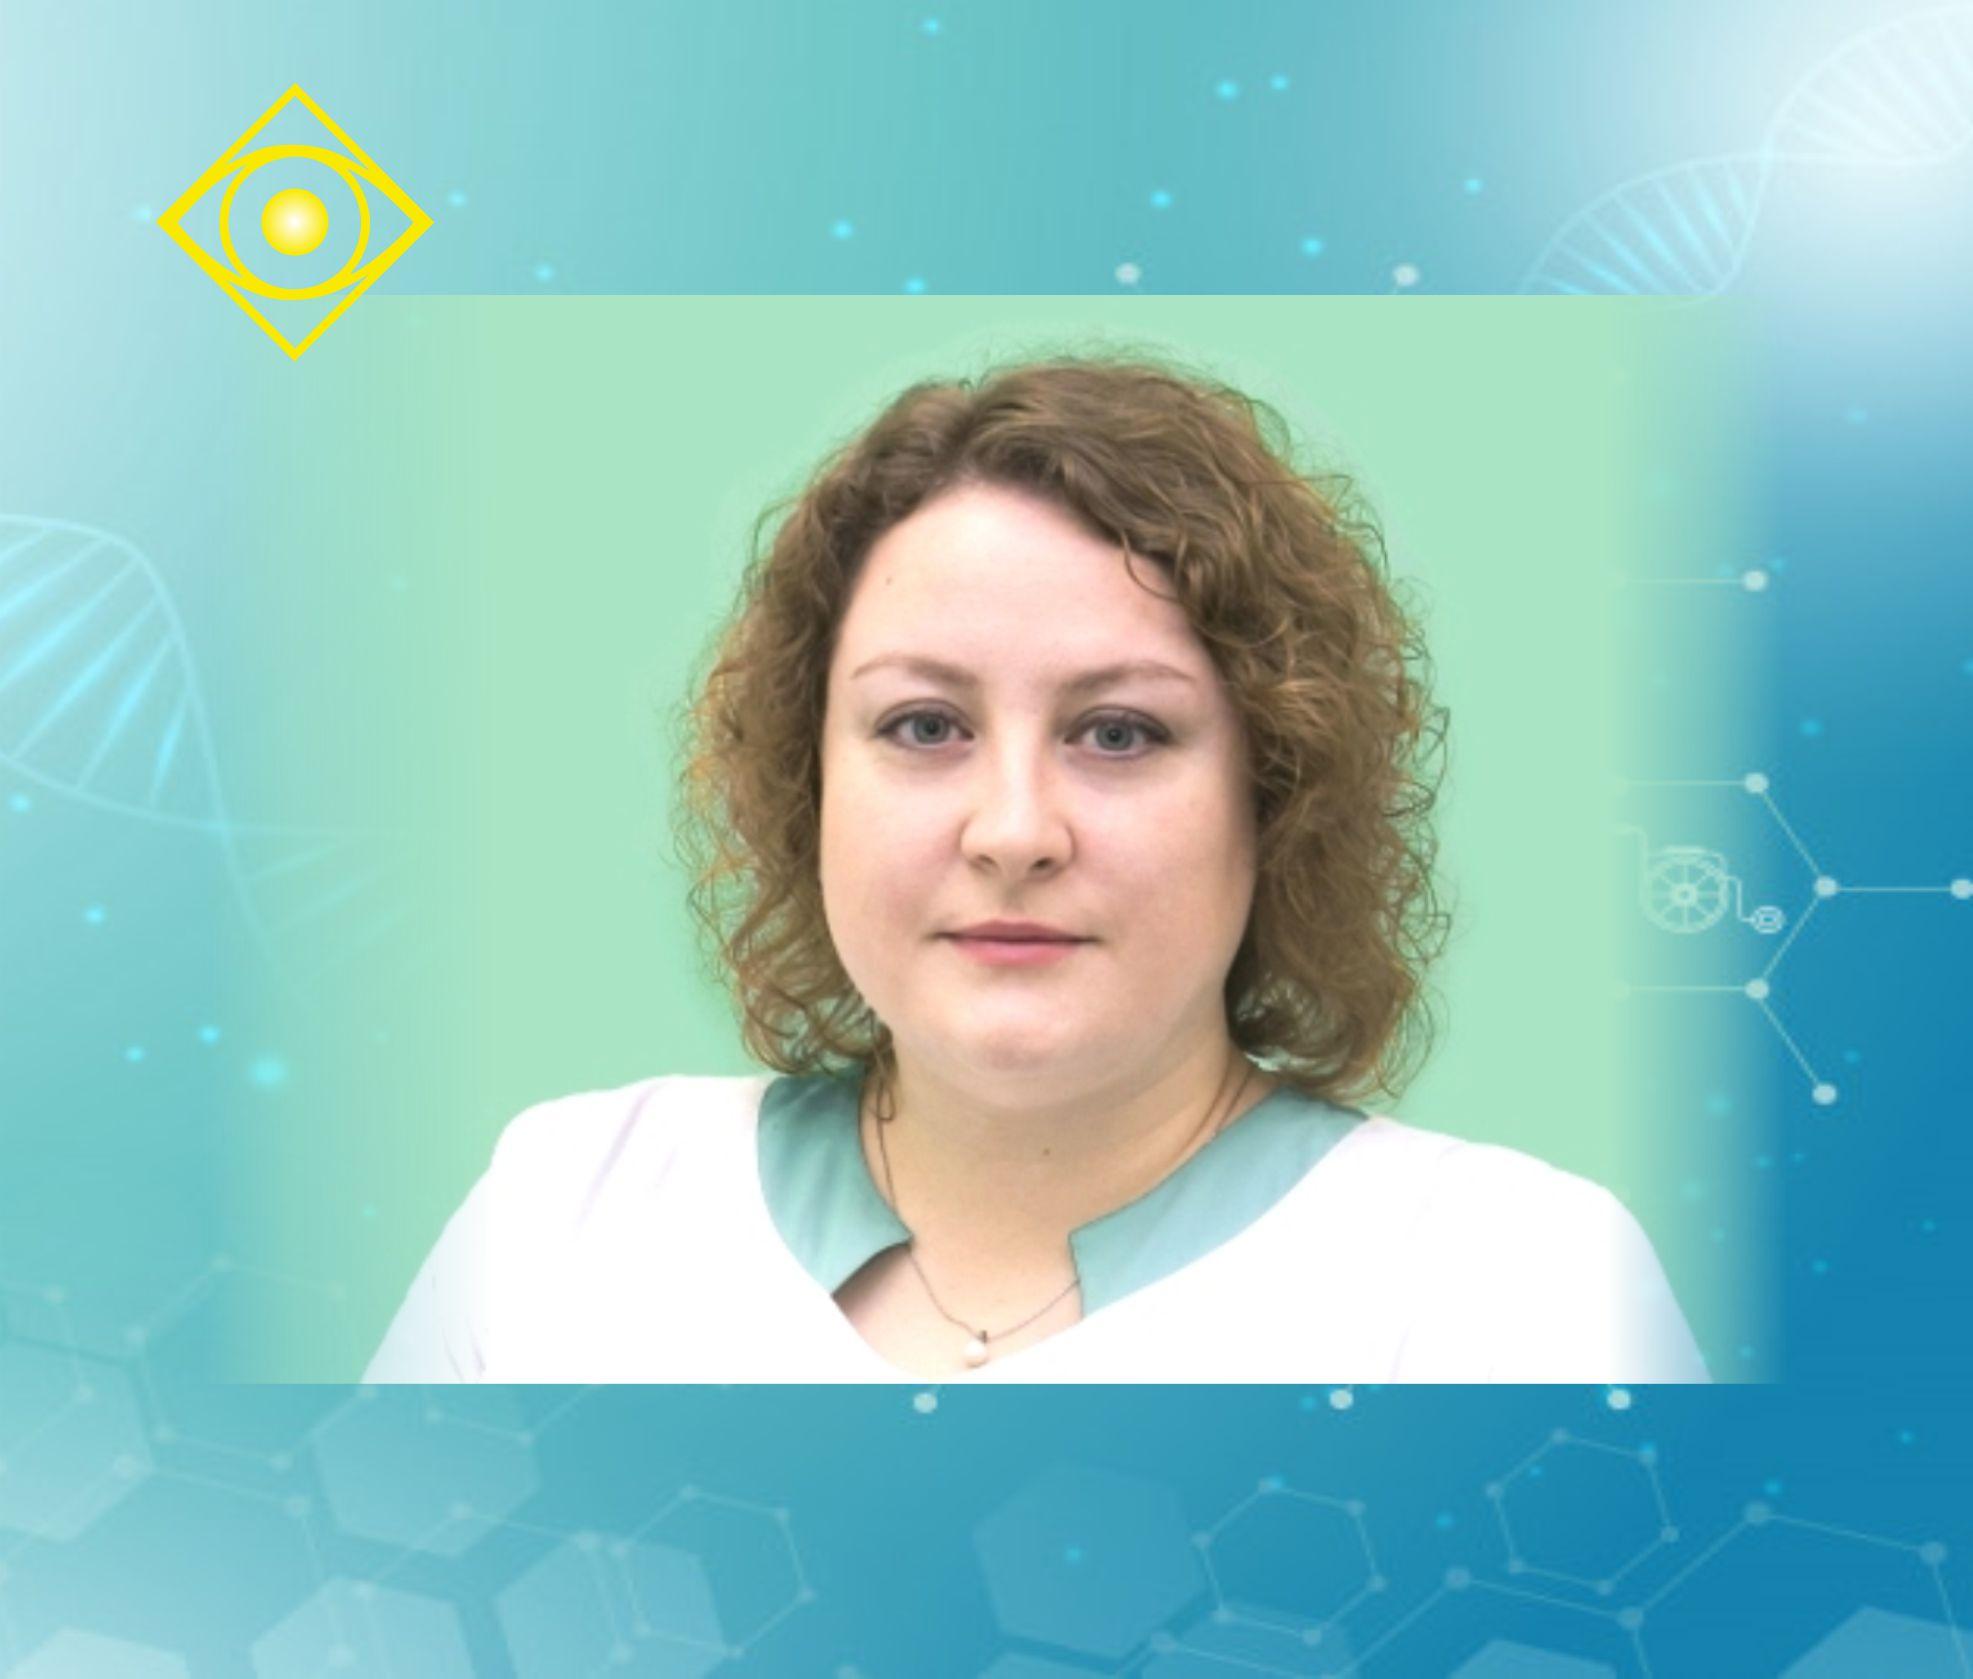 Позднякова Светлана Сергеевна - лазерная коррекция зрения - врач-офтальмолог